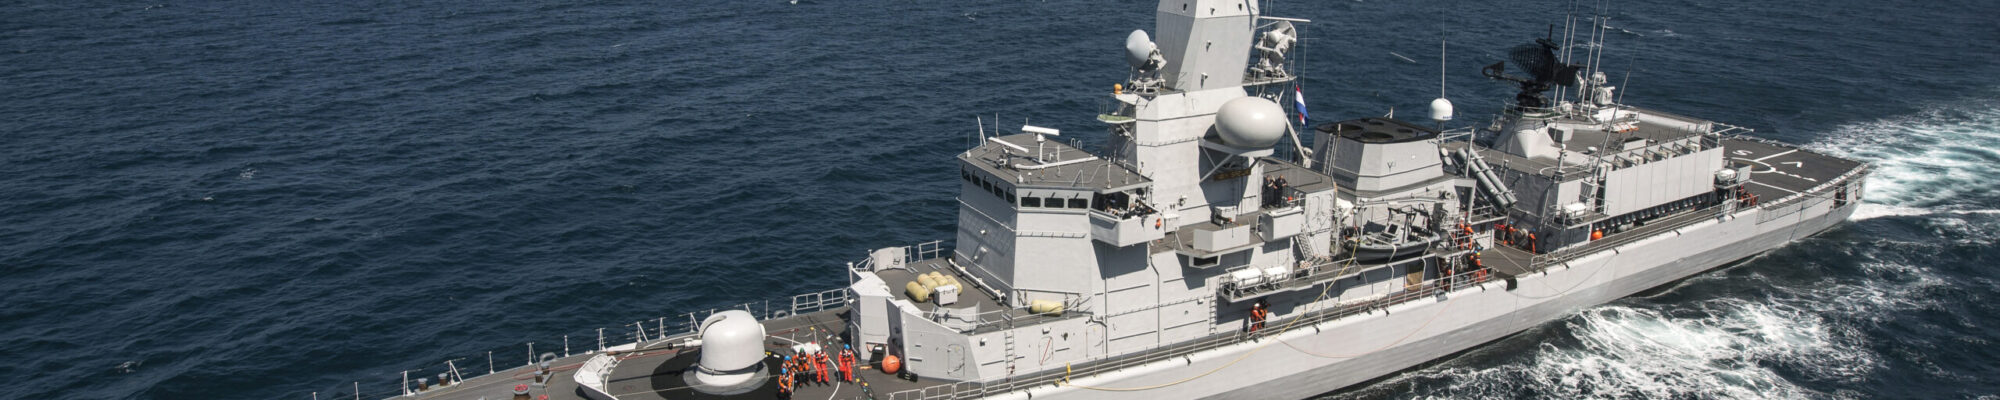 Noordzee, aan boord van Zr.Ms.Karel Doorman, 25 mei 2017. RAS / BOZ  (Olieladen en zware lasten) met Zr Ms Van Speijk en Zr Ms De Ruyter.